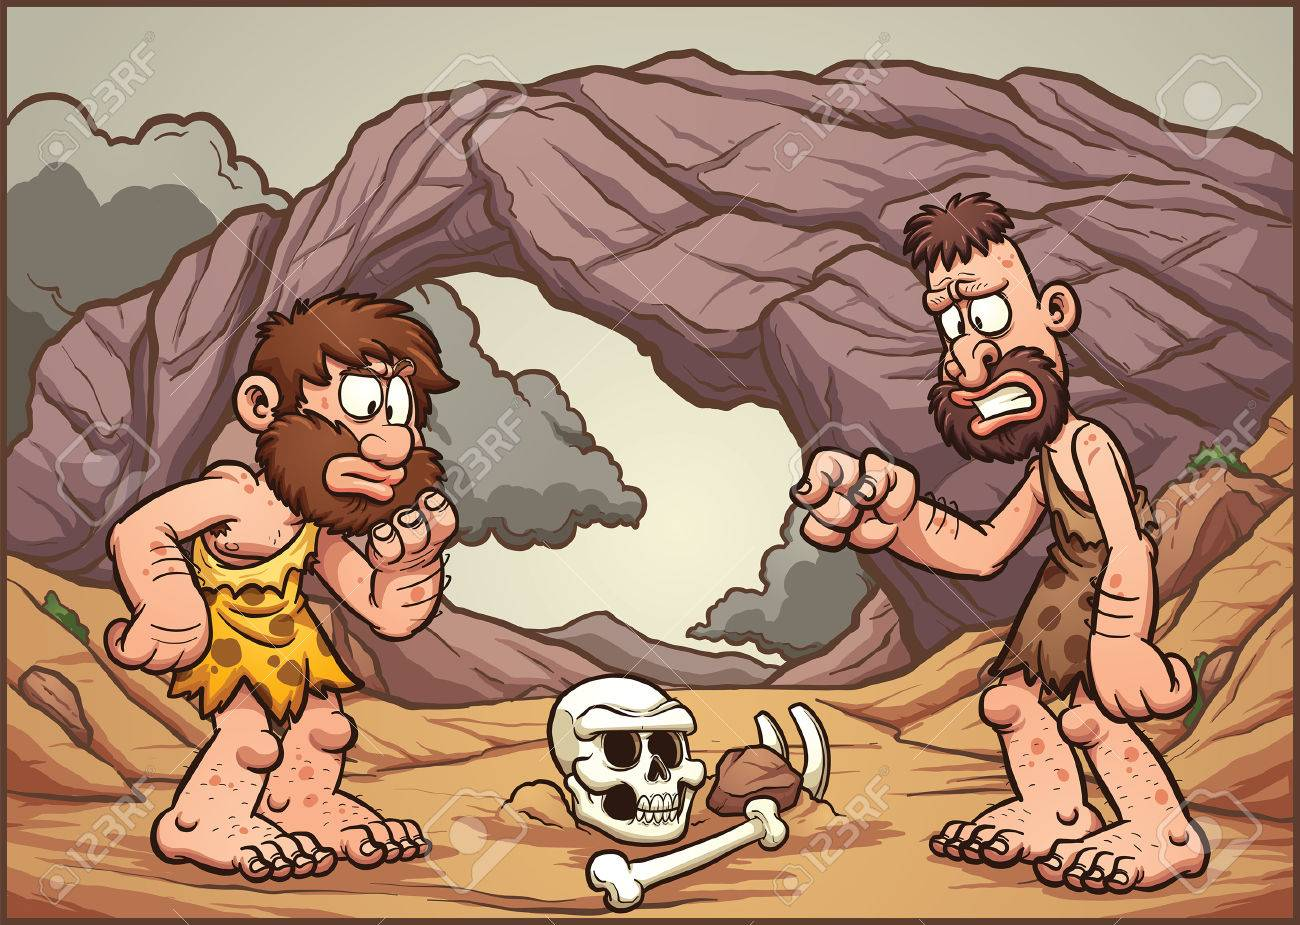 Hombres De Las Cavernas De Dibujos Animados Que Buscan En Un Cráneo Vector Ilustración De Imágenes Prediseñadas Con Gradientes Simples Hombres De